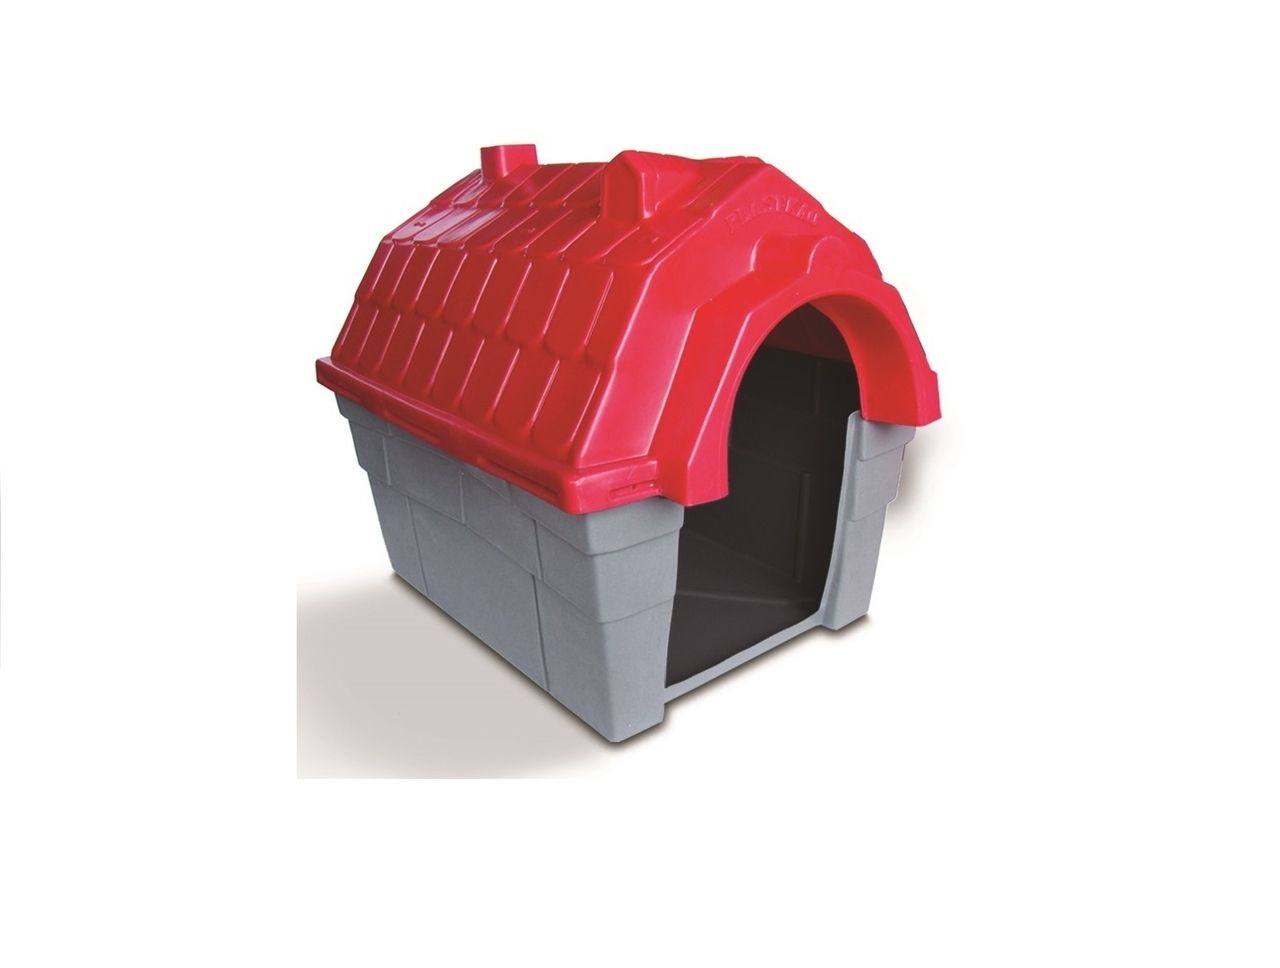 Casinha Cachorro Plástica nº 02 Vermelha